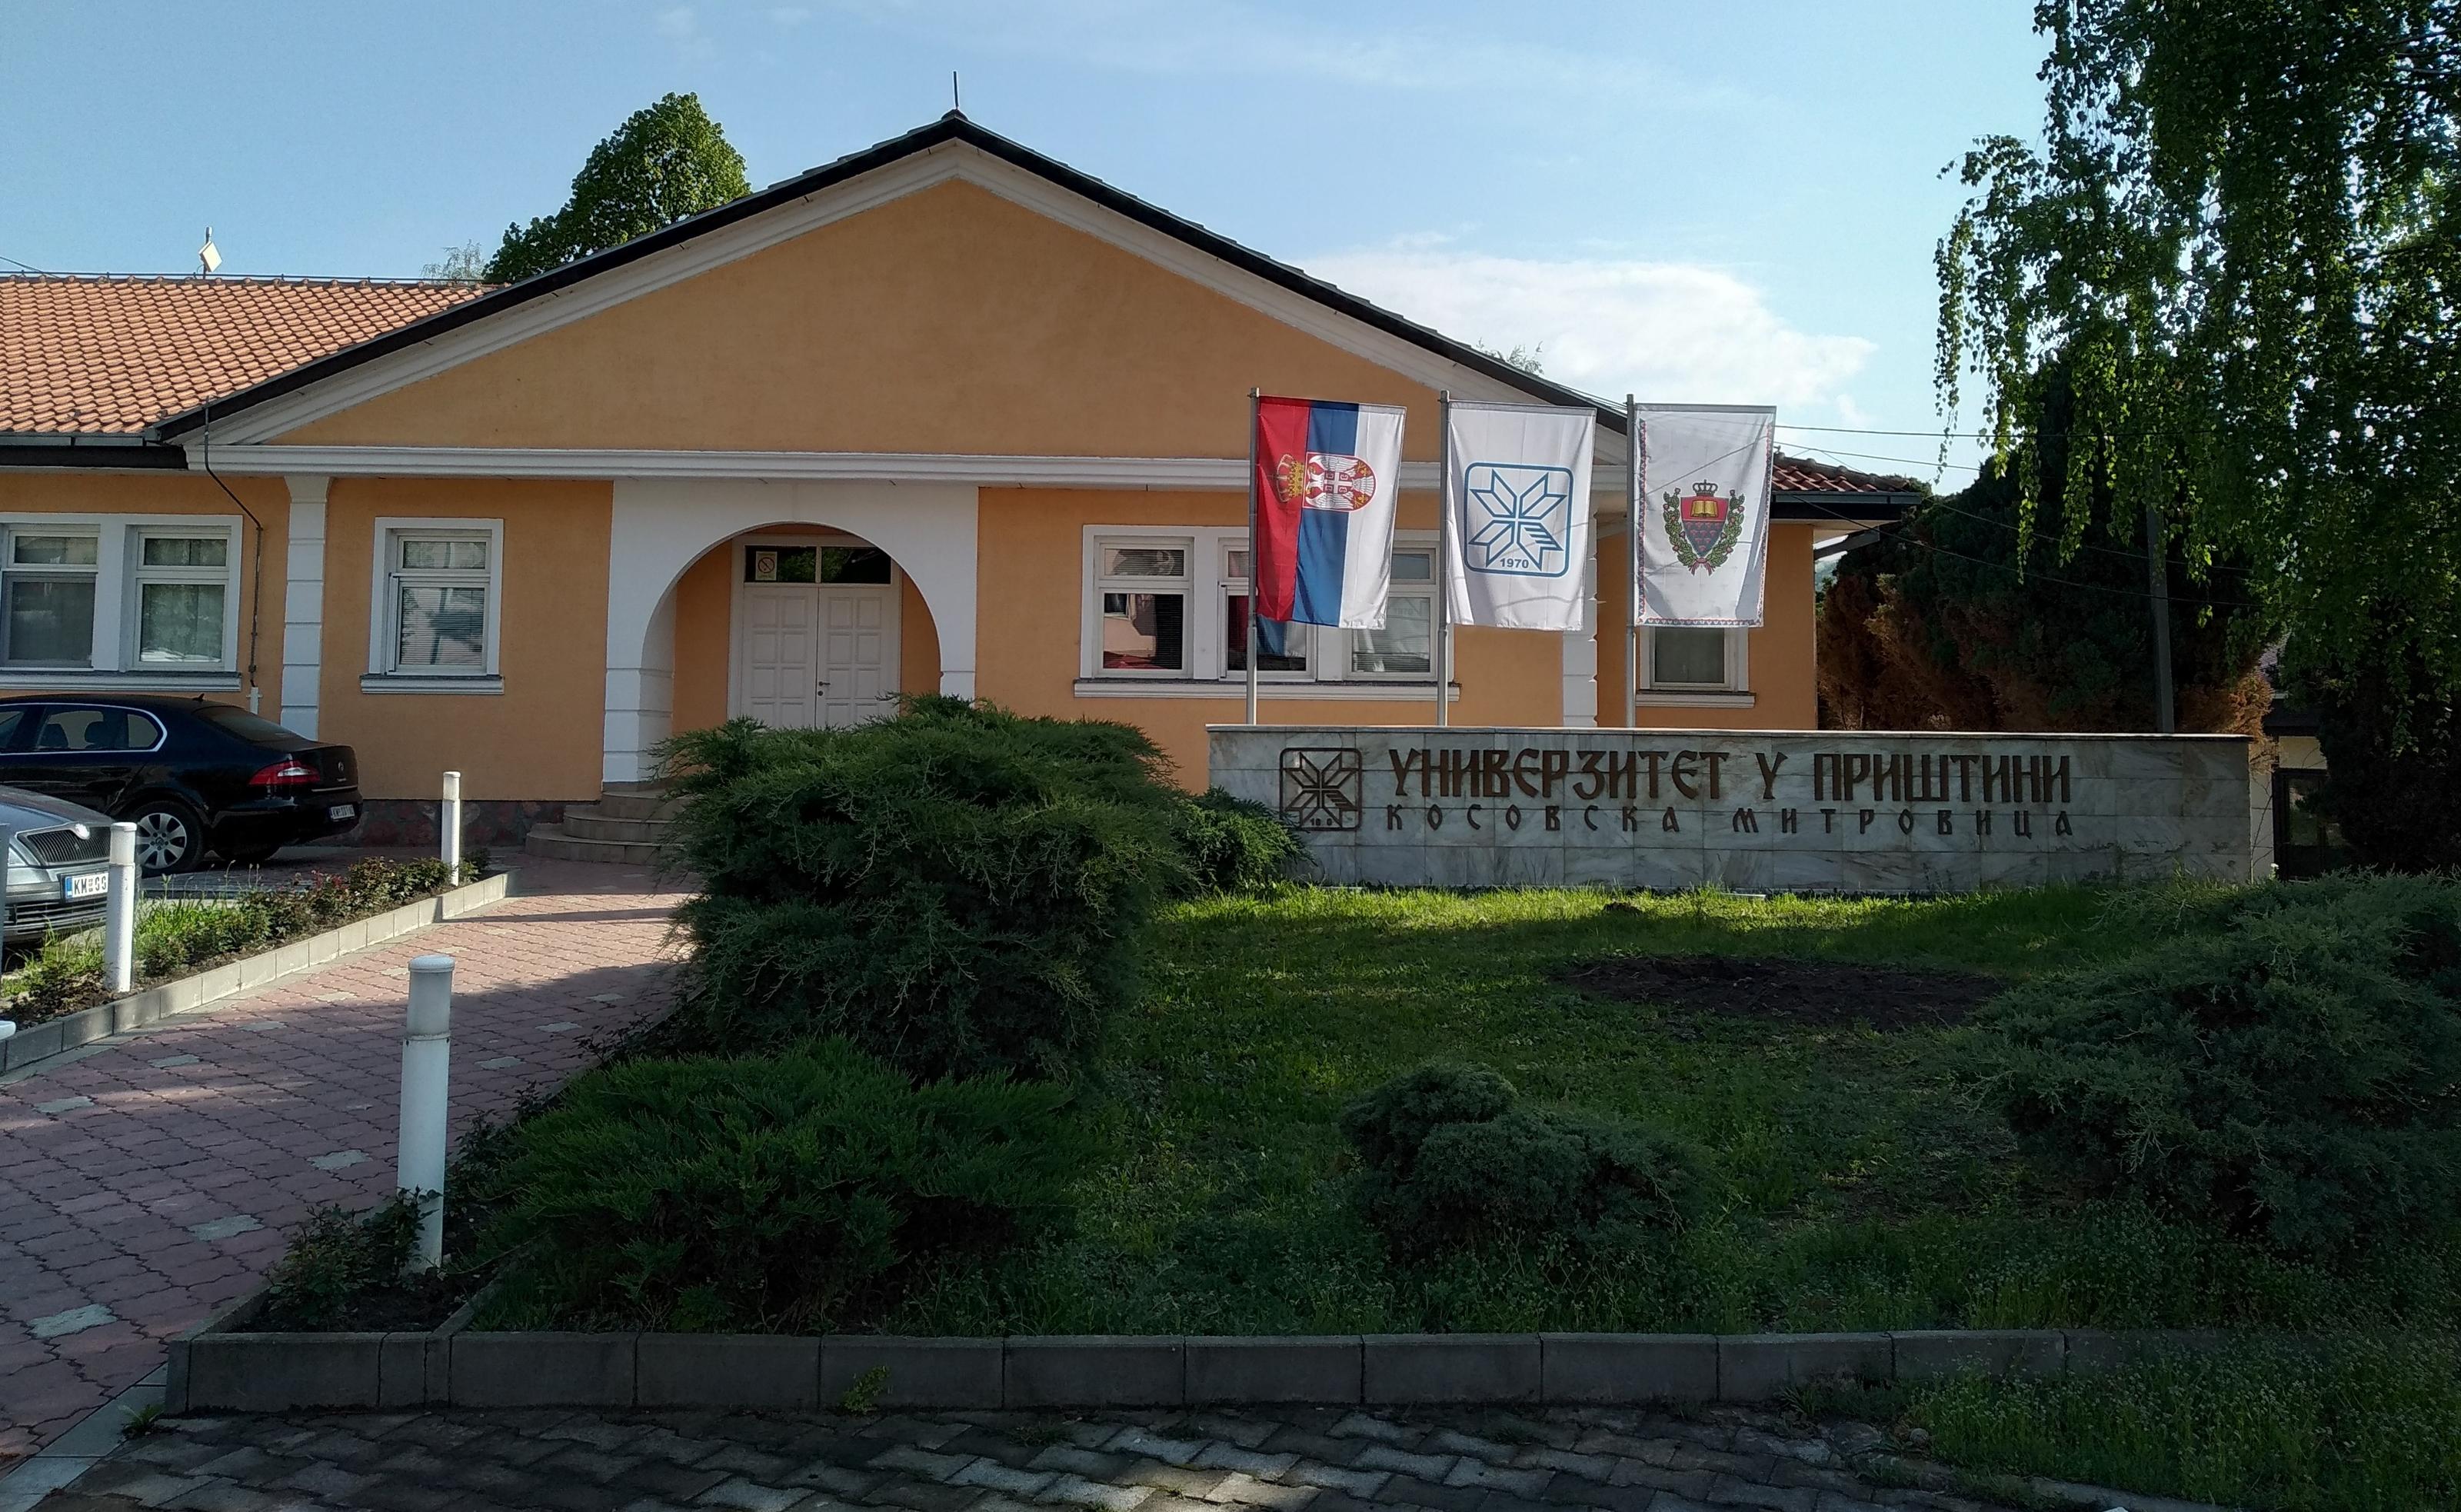 otkazana-svecanost-na-univerzitetu-u-pristini-sa-sedistem-u-kosovskoj-mitrovici